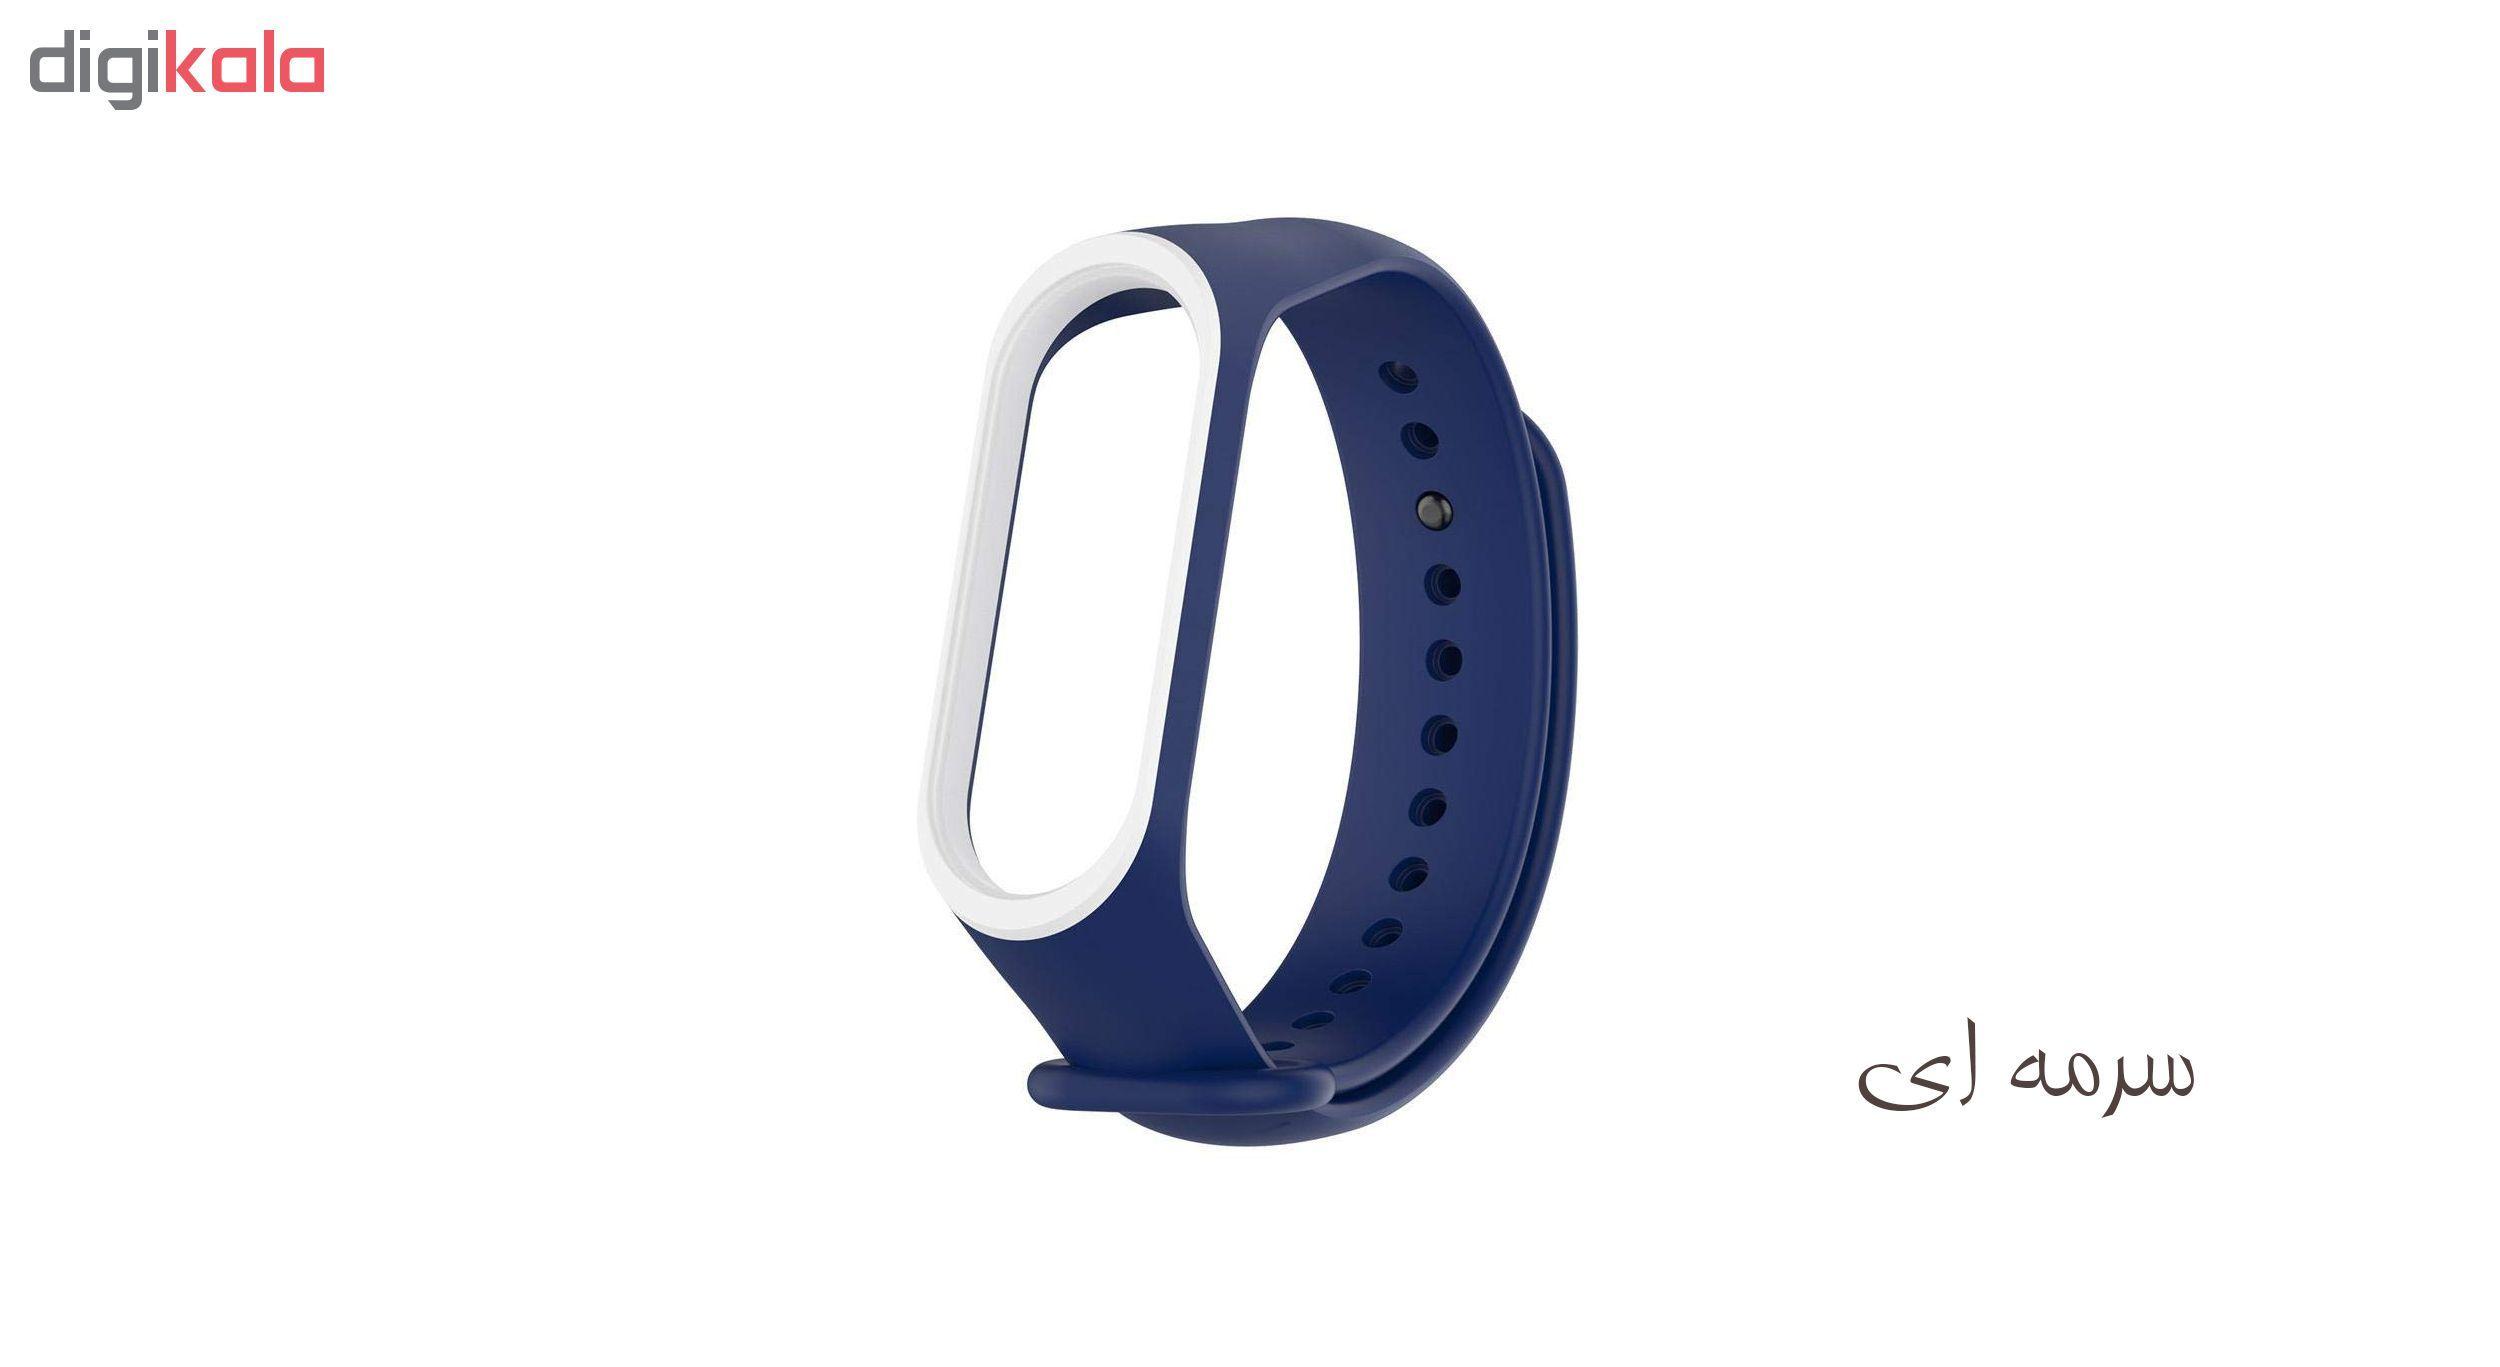 بند مچ بند سومگ مدل SMG-S2 مناسب برای مچ بند شیائومی Mi Band 4 main 1 5